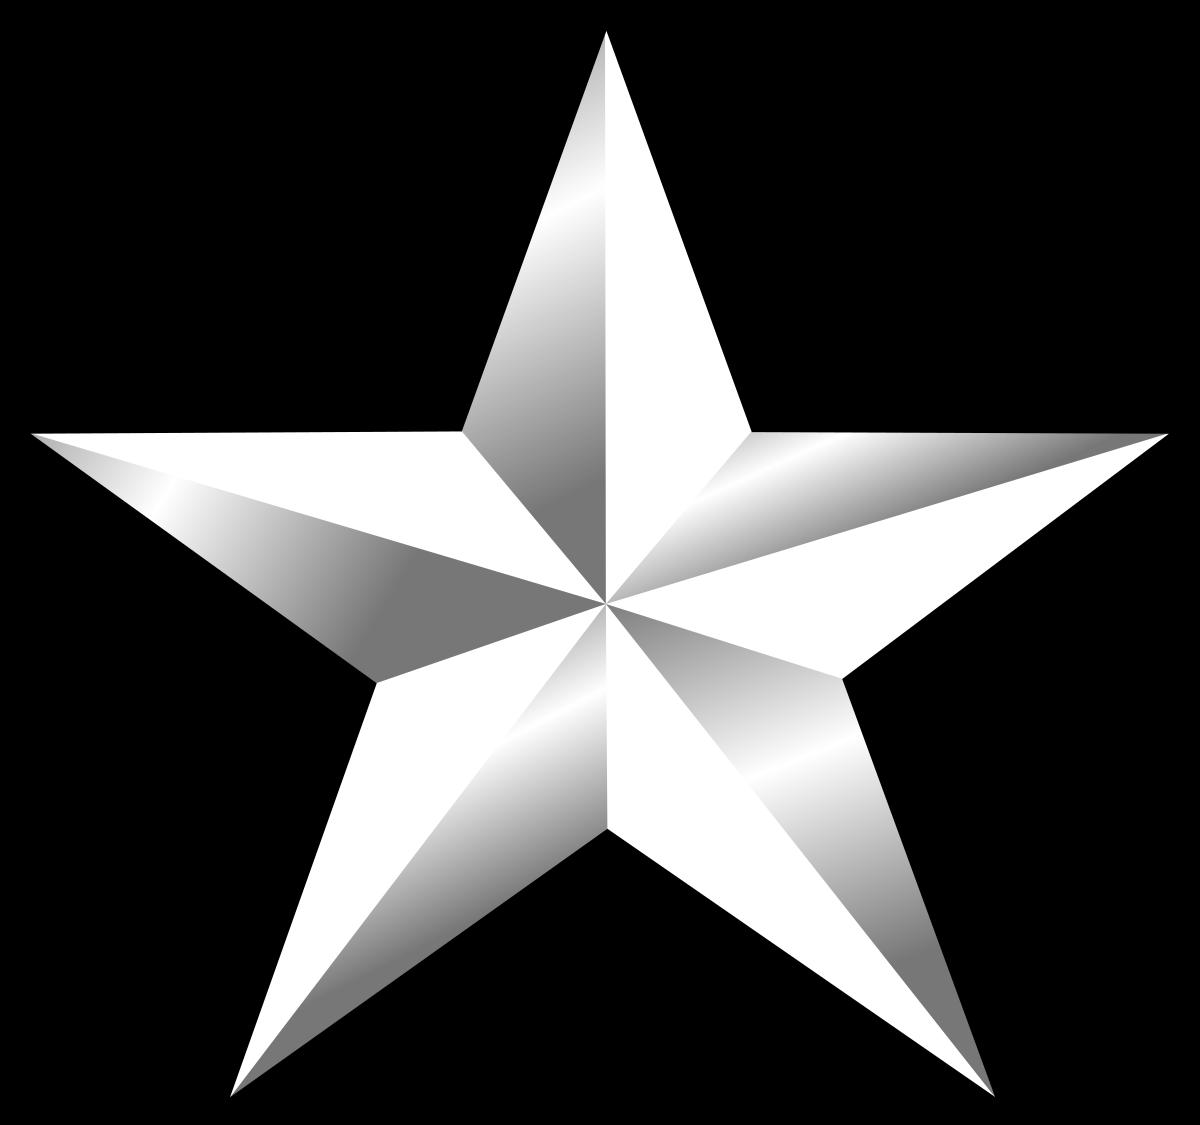 Déclaration du commandant K. Oren | #LSPDHQ02 3oWGQ